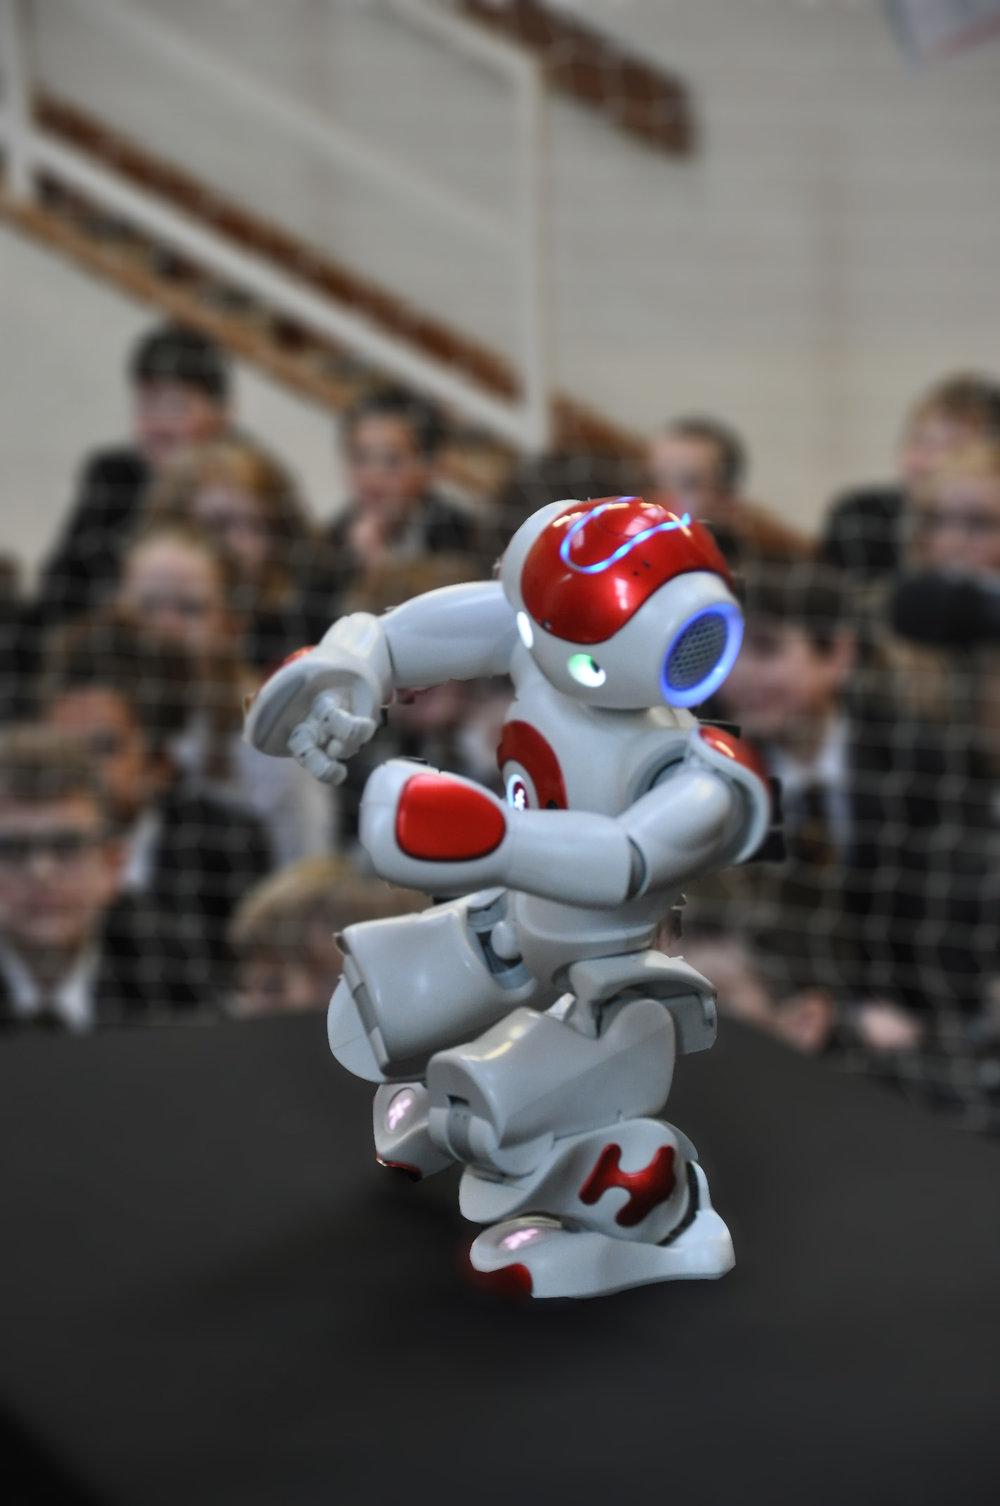 The robot practising Tai Chi